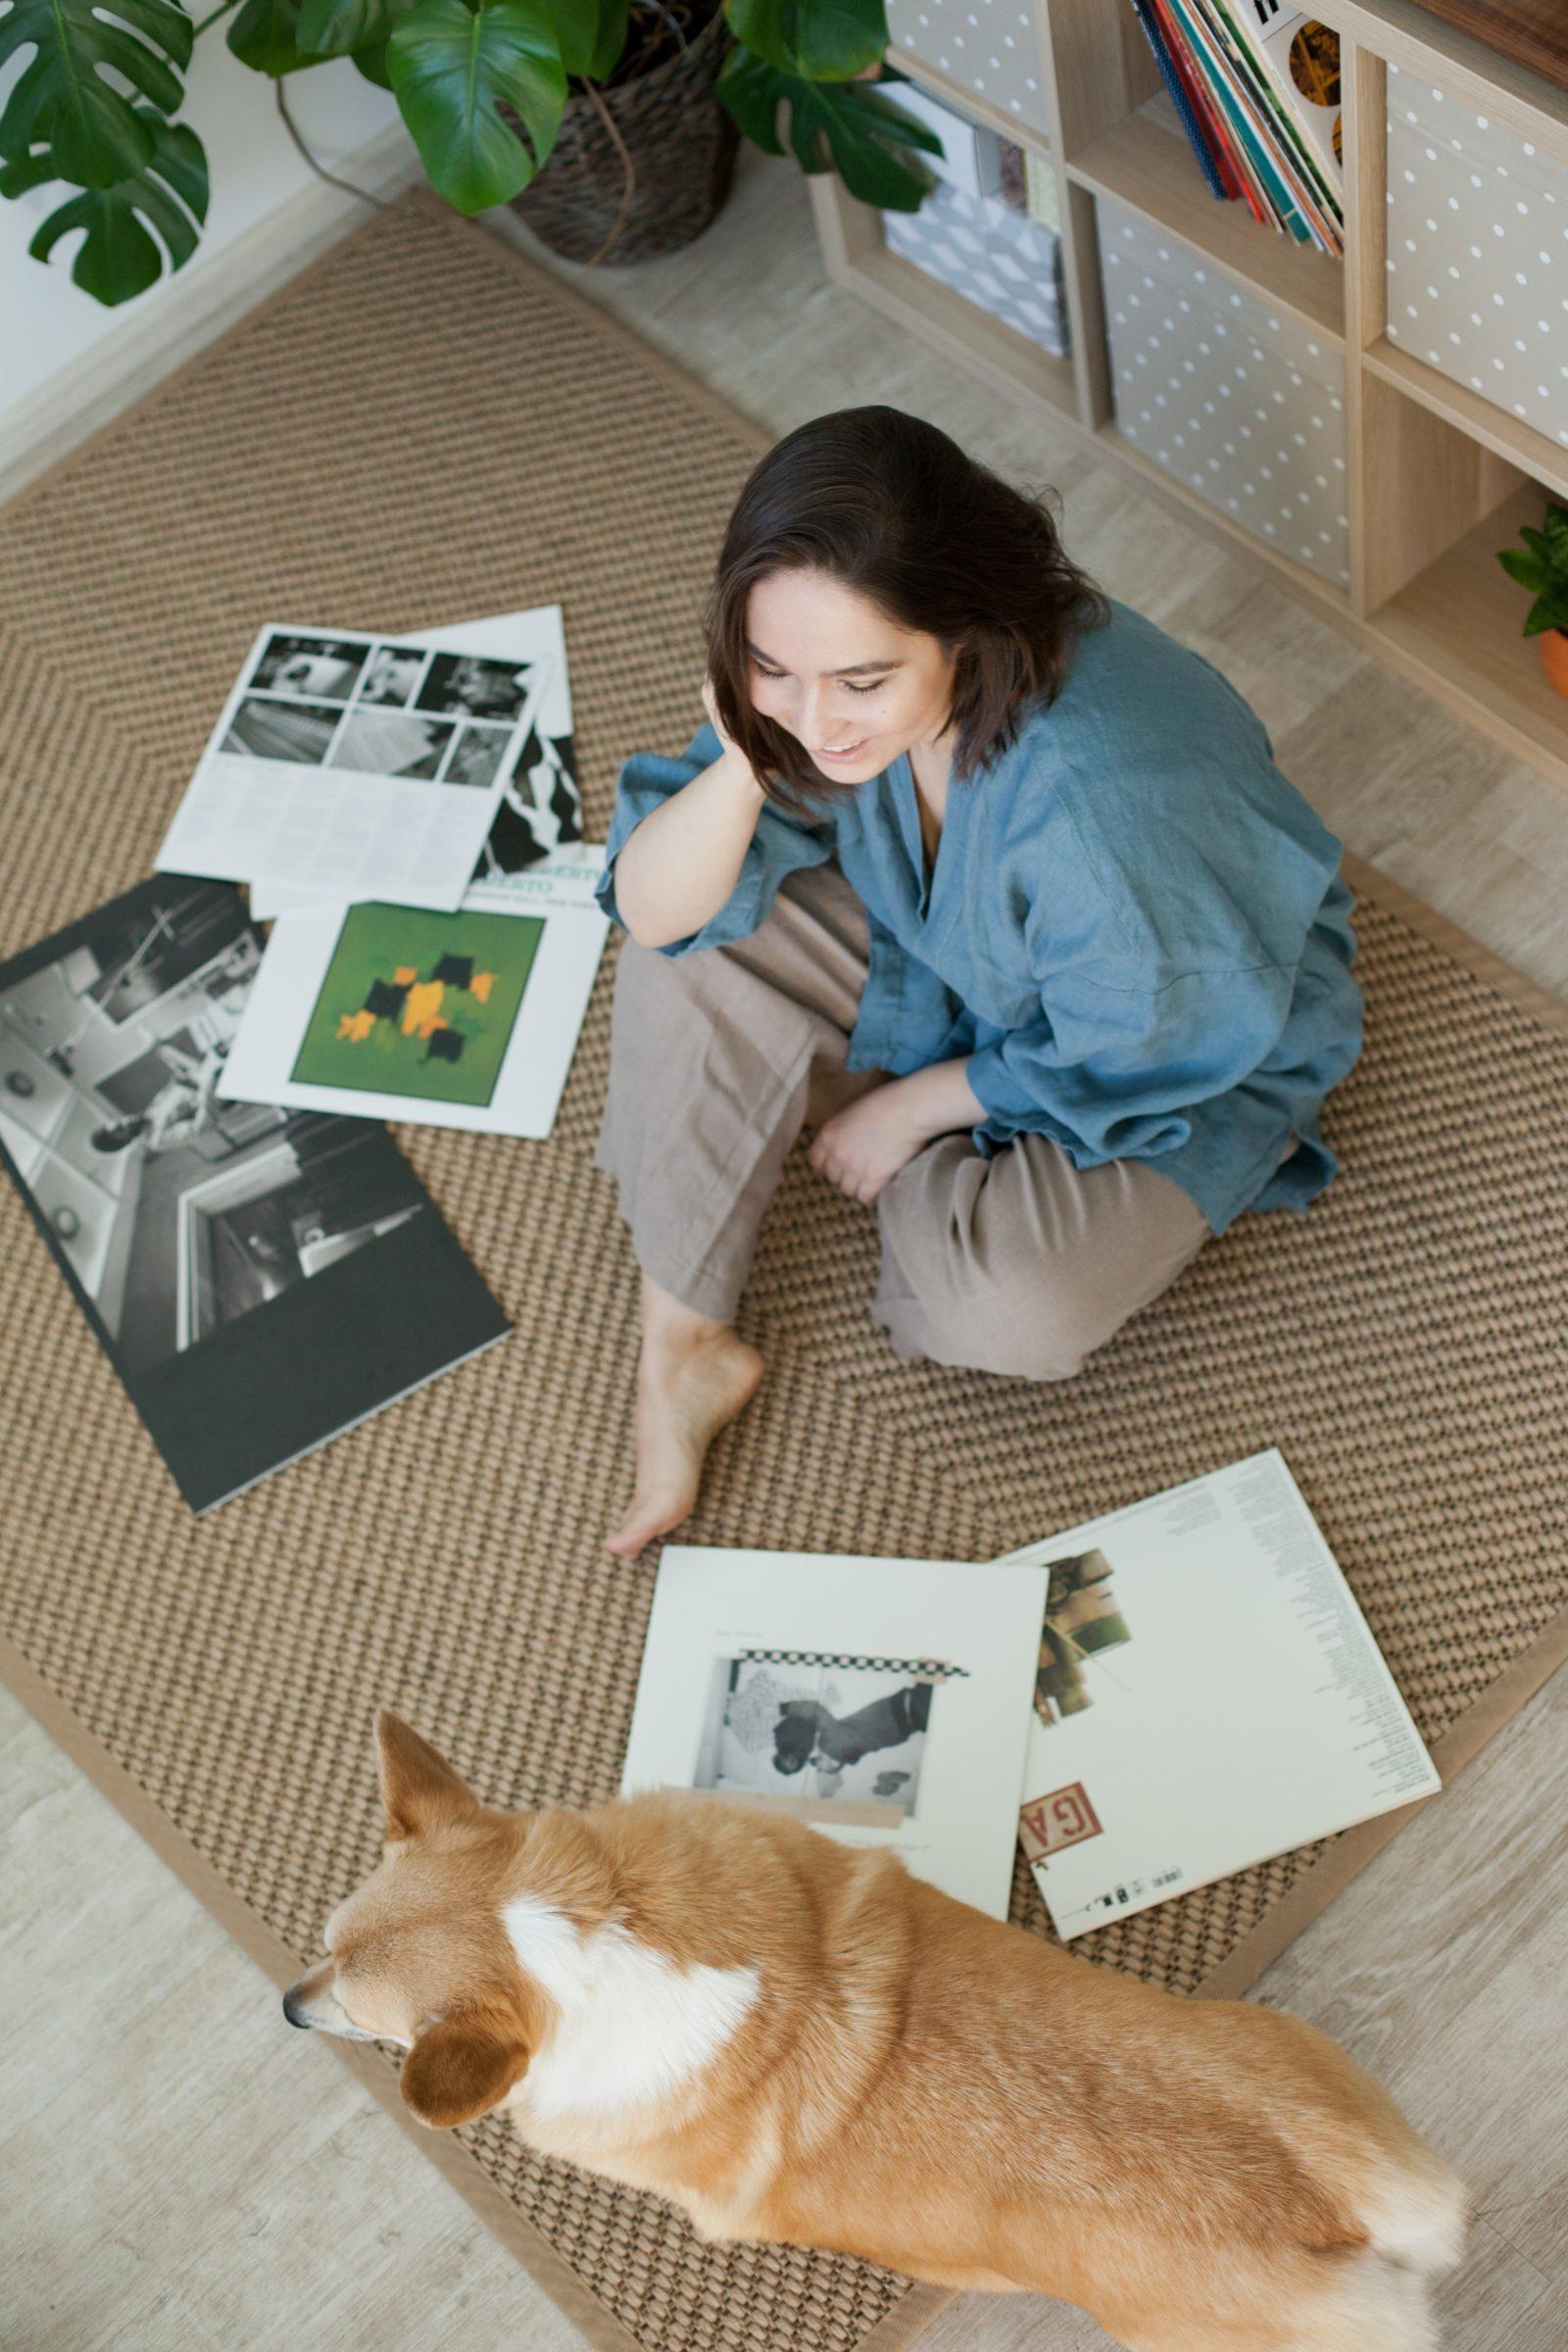 woman at home with corgi dog sitting on a jute rug 2021 04 27 17 20 47 utc